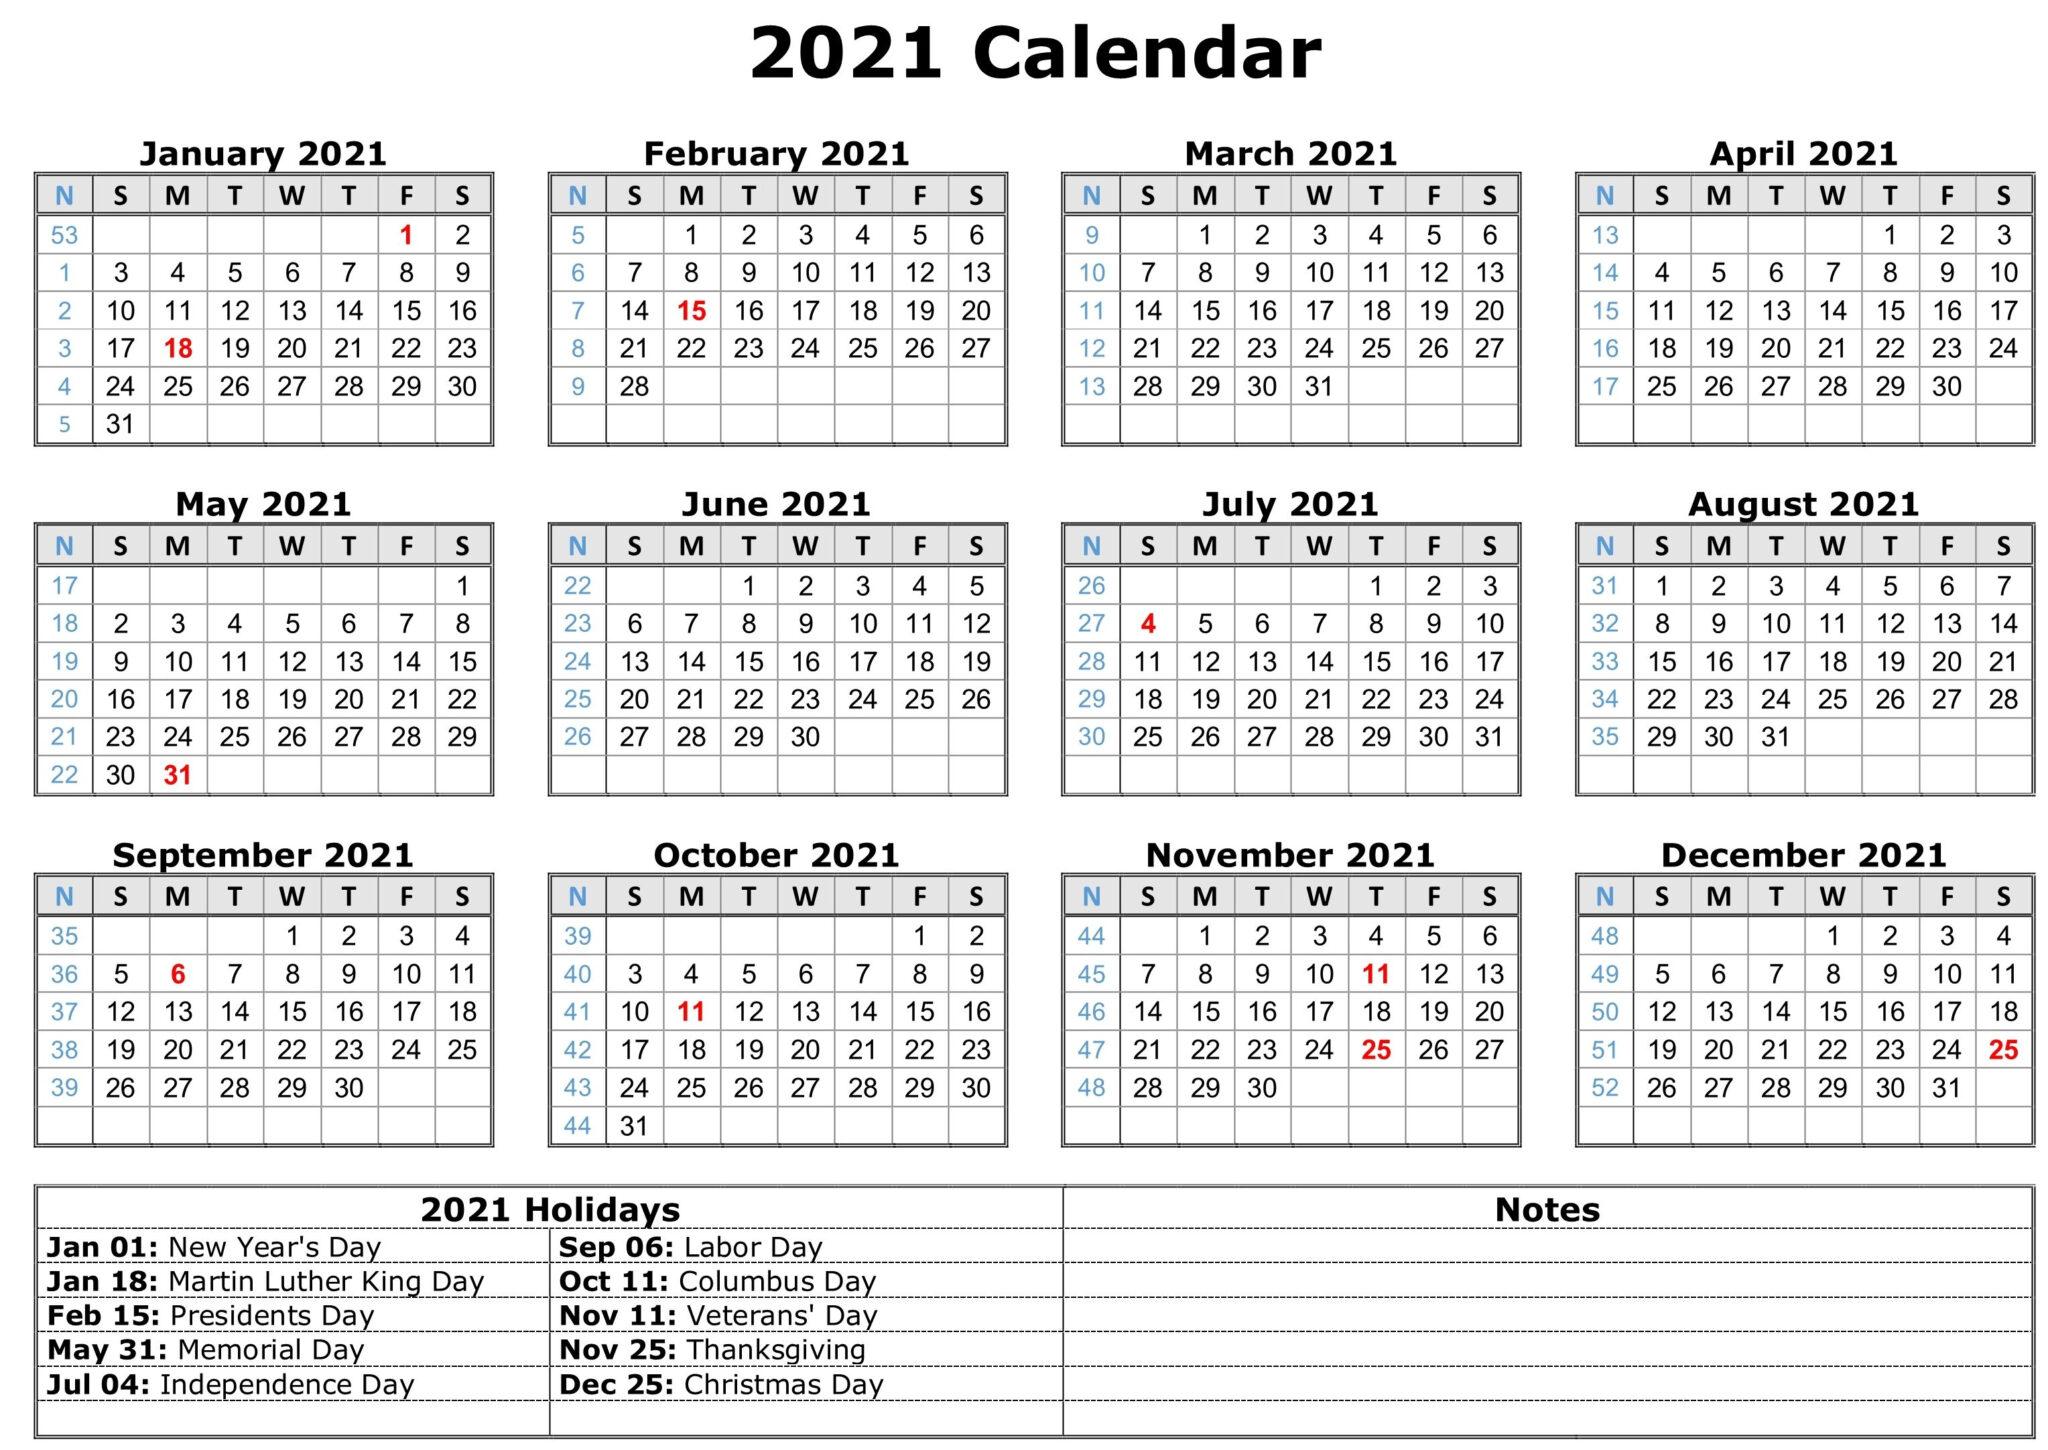 2021 Calendar With Holidays   Free Calendar Template with regard to Depo Calendar For 2021